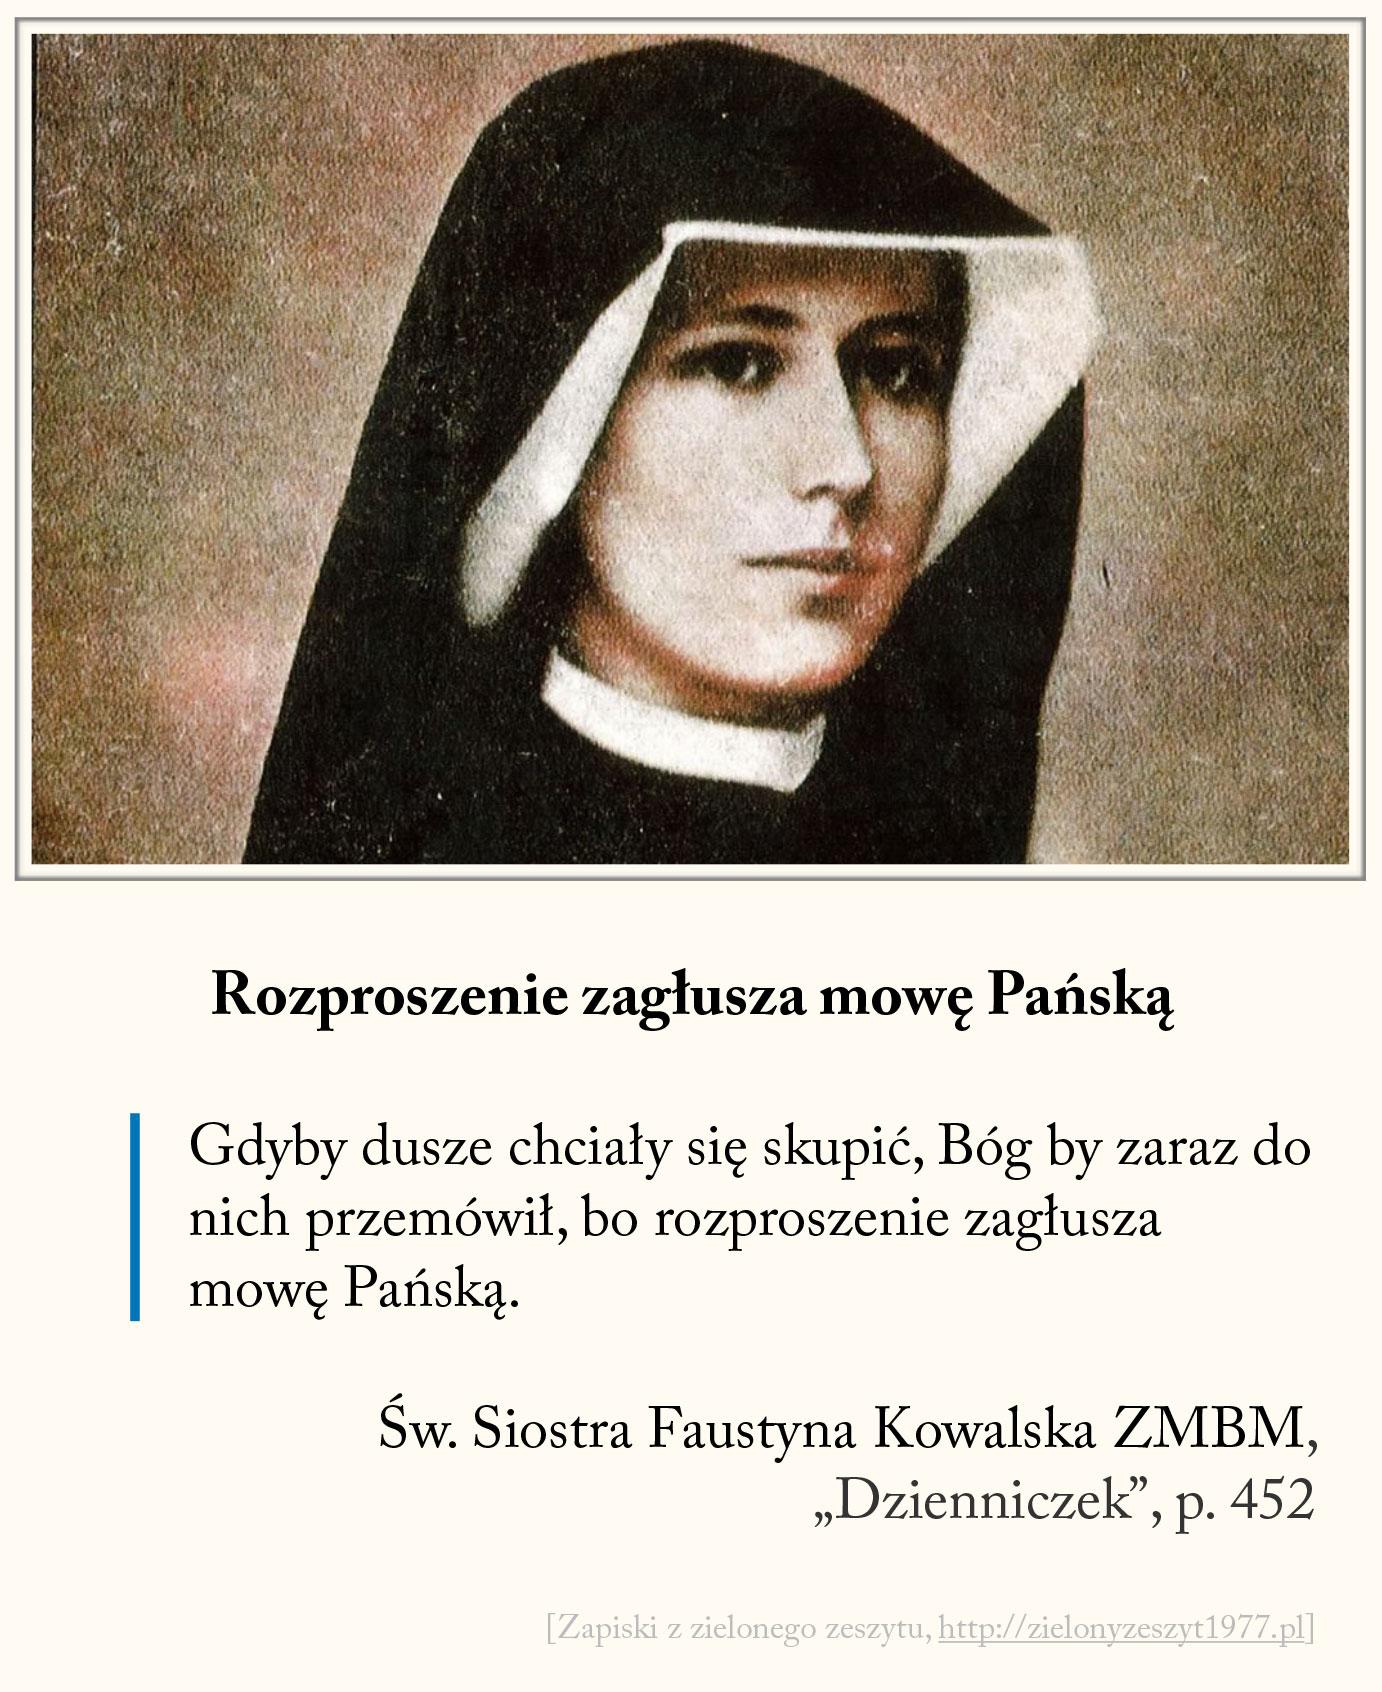 Rozproszenie zagłusza mowę Pańską, św. Faustyna Kowalska